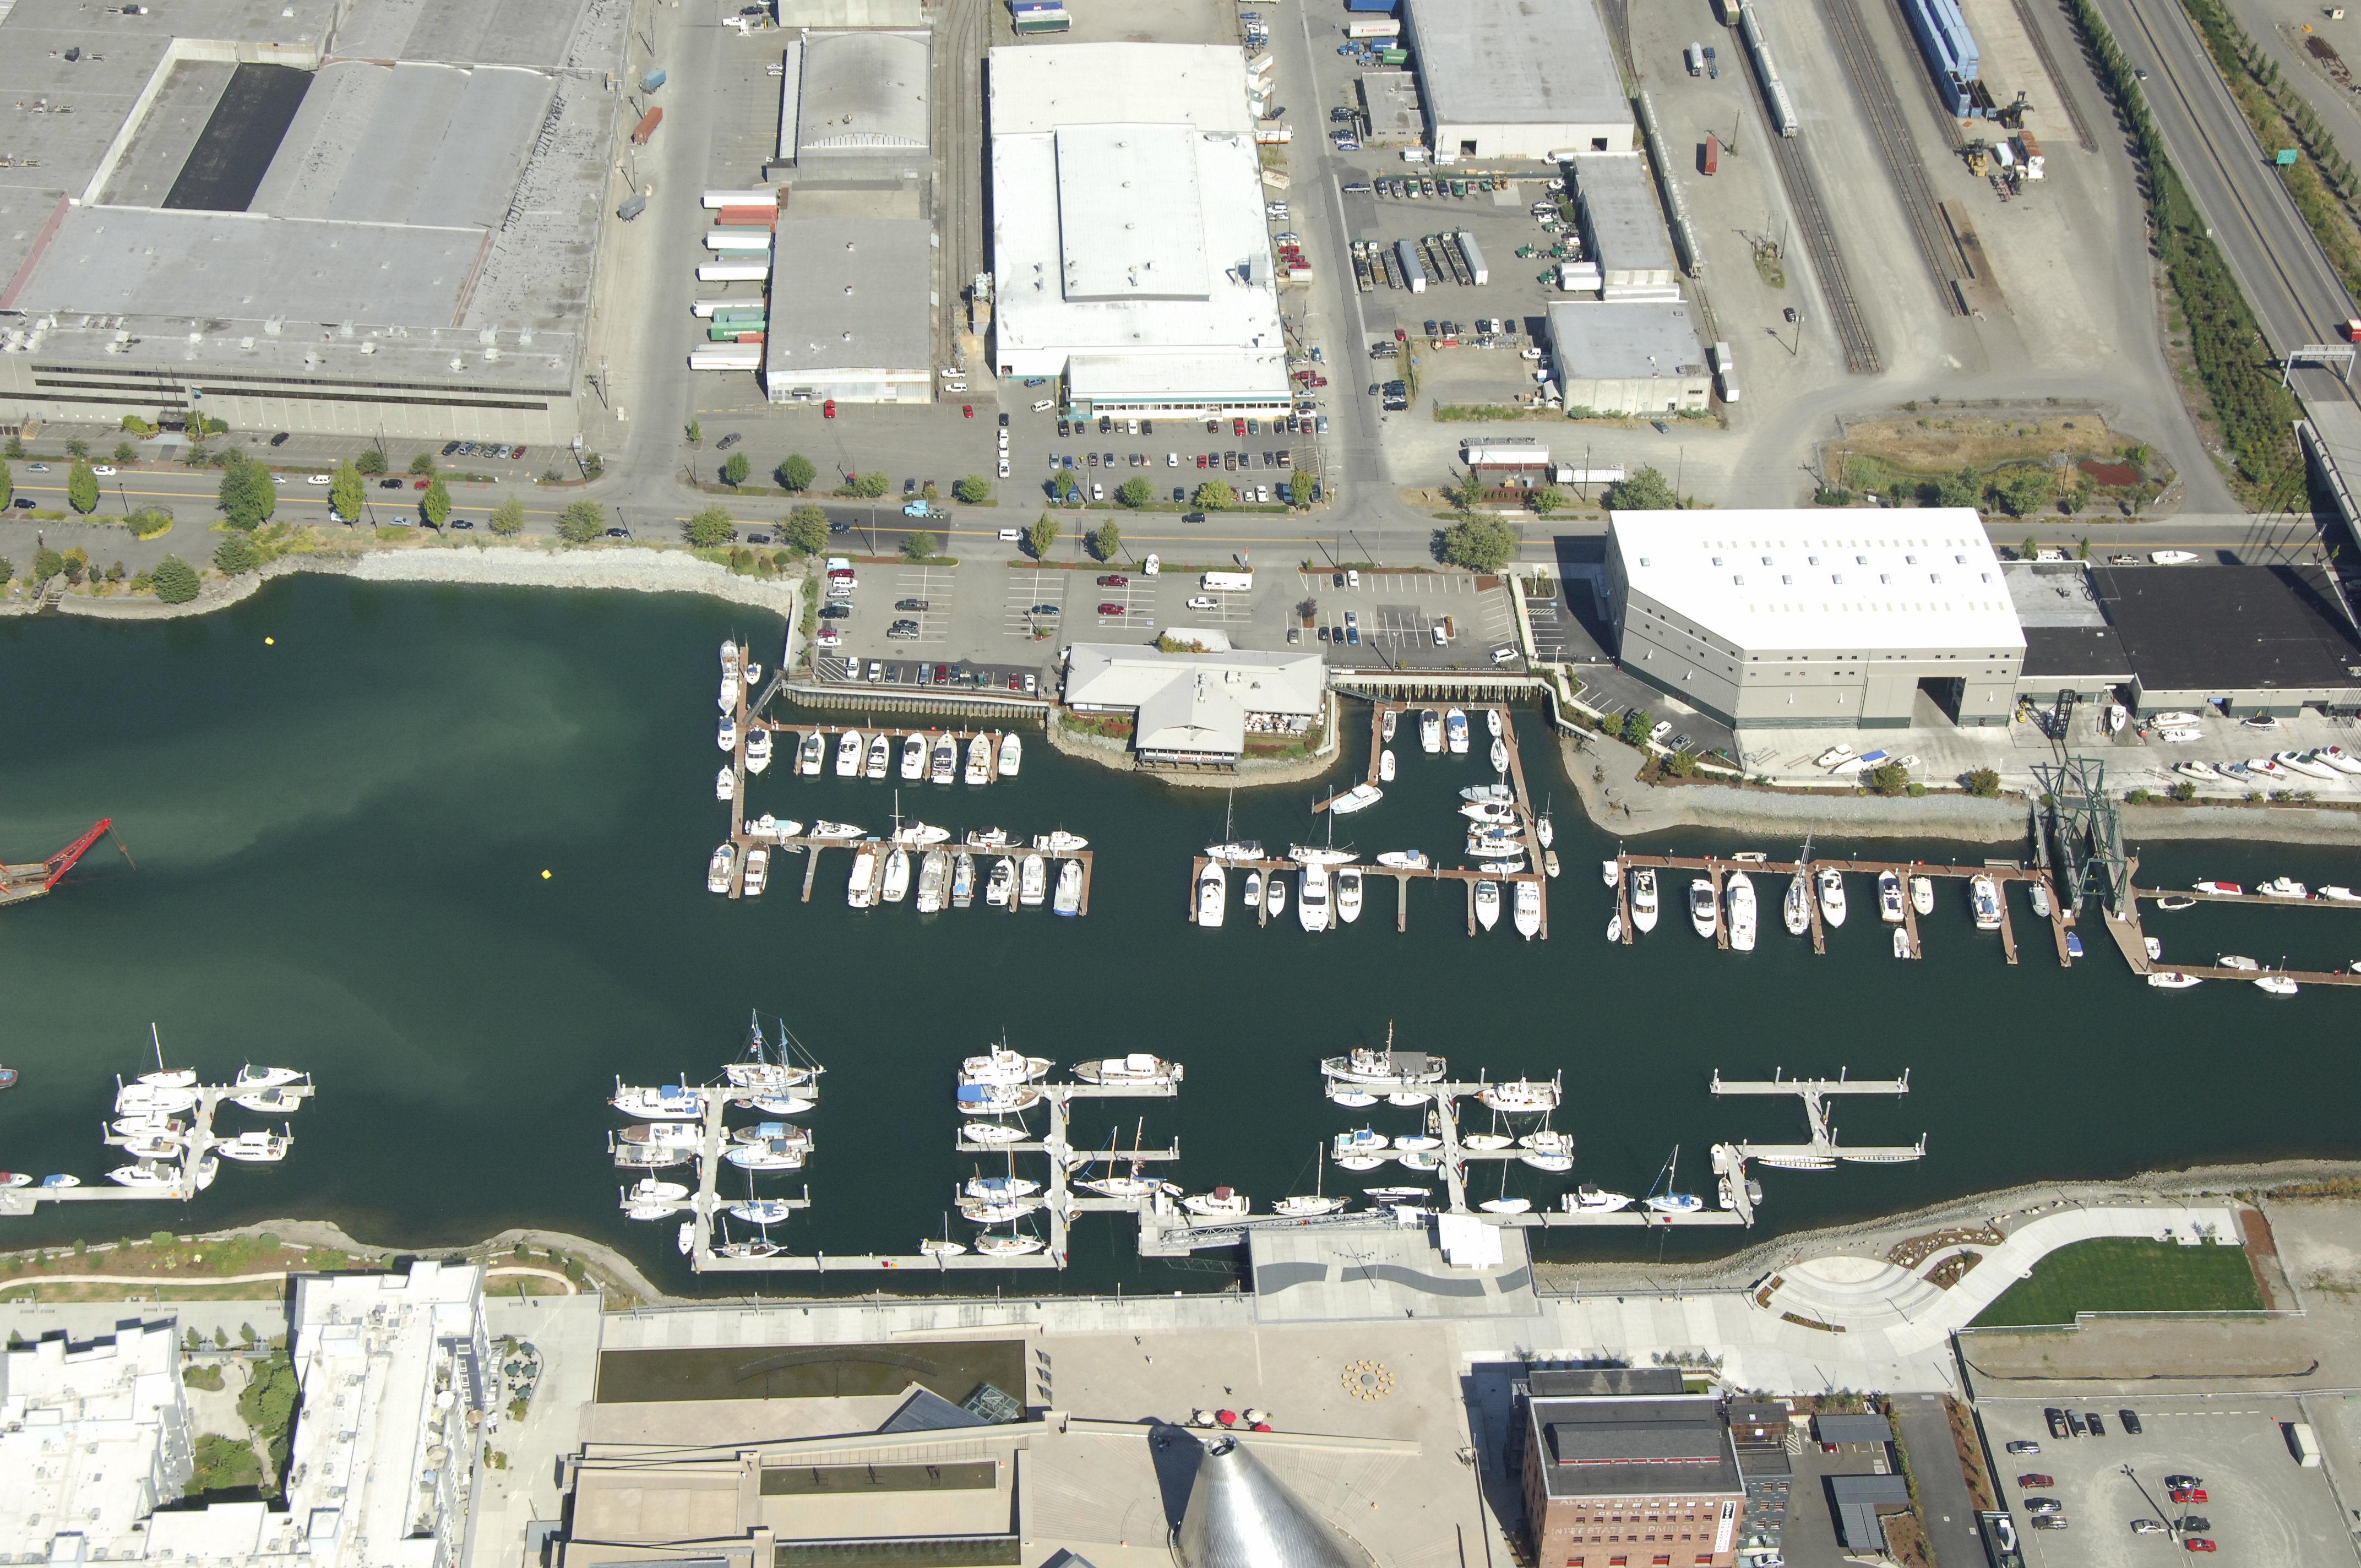 Johnny S Dock Restaurant Marina Tacoma Wa